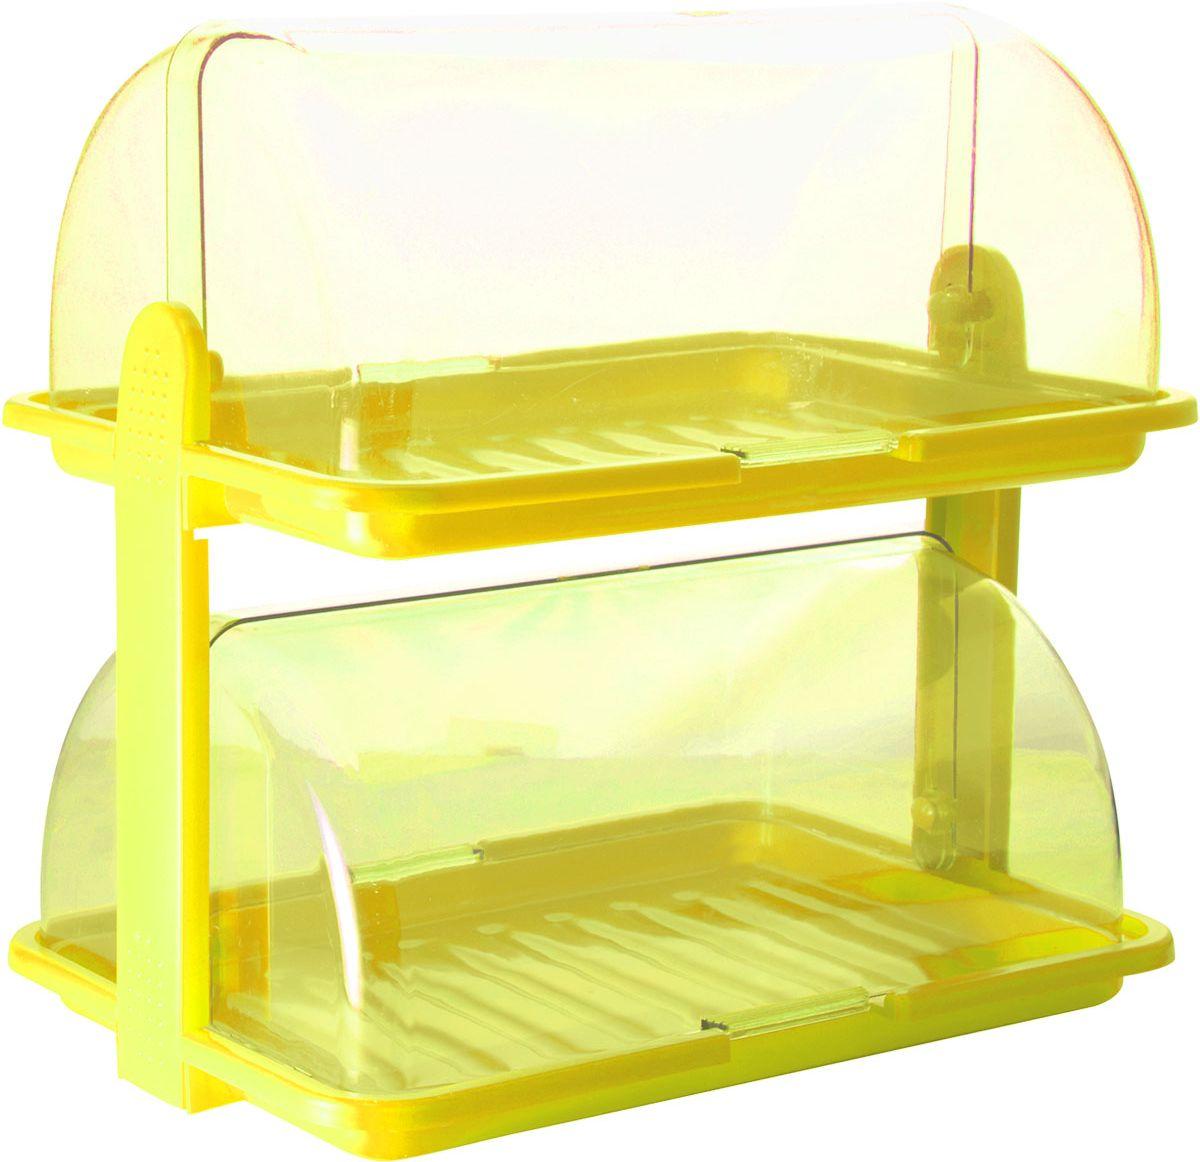 Хлебница Plastic Centre, 2-ярусная, цвет: желтый, прозрачный, 38,5 х 26 х 37 смПЦ1671ЛМНУникальная двухъярусная хлебница для любителей выпечки и свежего хлеба. Она сохранит хлеб свежим длительное время. Благодаря двум раздельным секциям можно хранить сладкую выпечку и хлеб в разных отделениях.